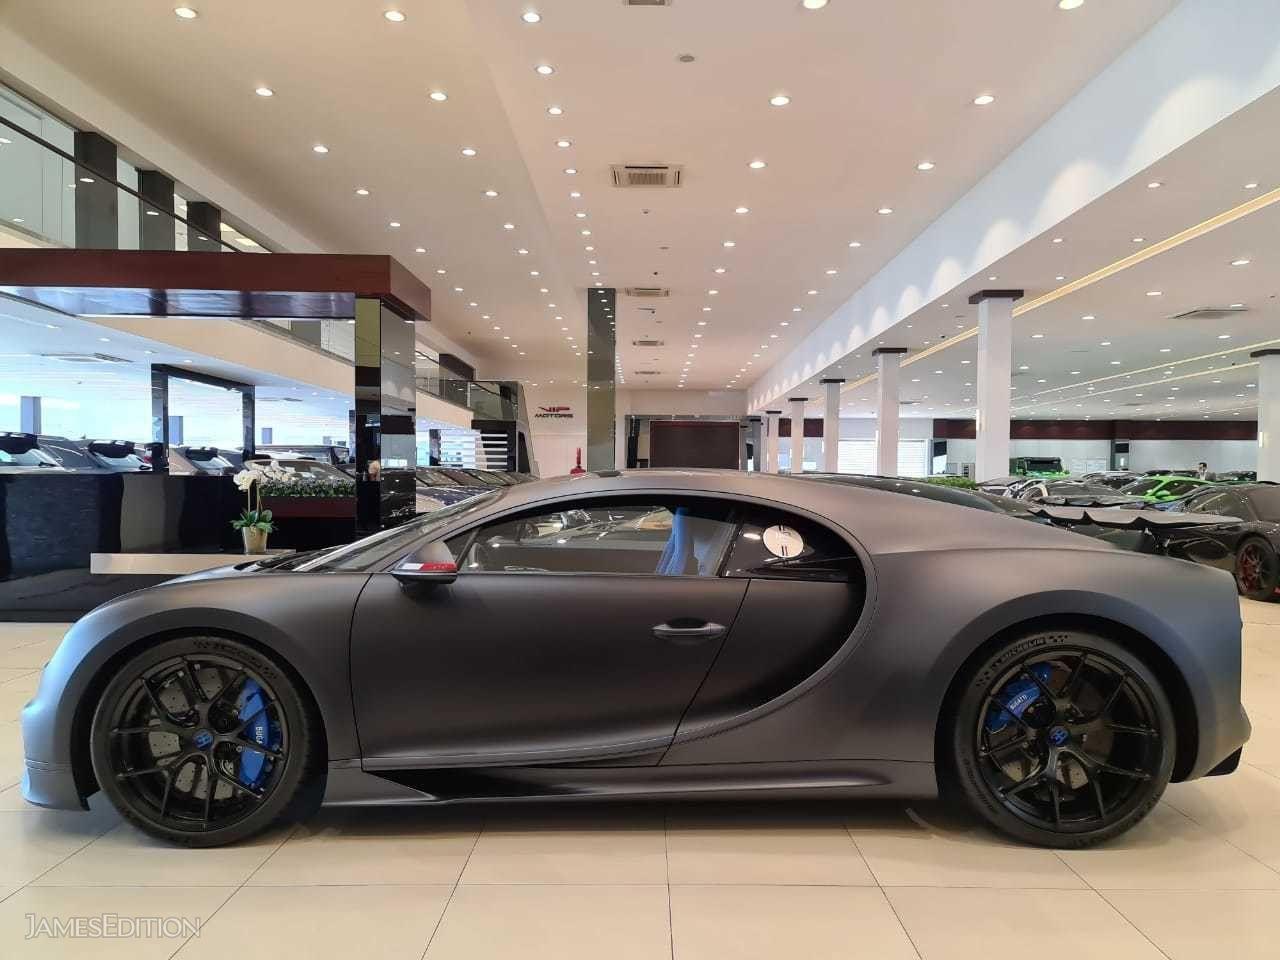 2020 Bugatti Chiron In Dubai United Arab Emirates For Sale 10995953 Bugatti Chiron Bugatti Luxury Cars For Sale